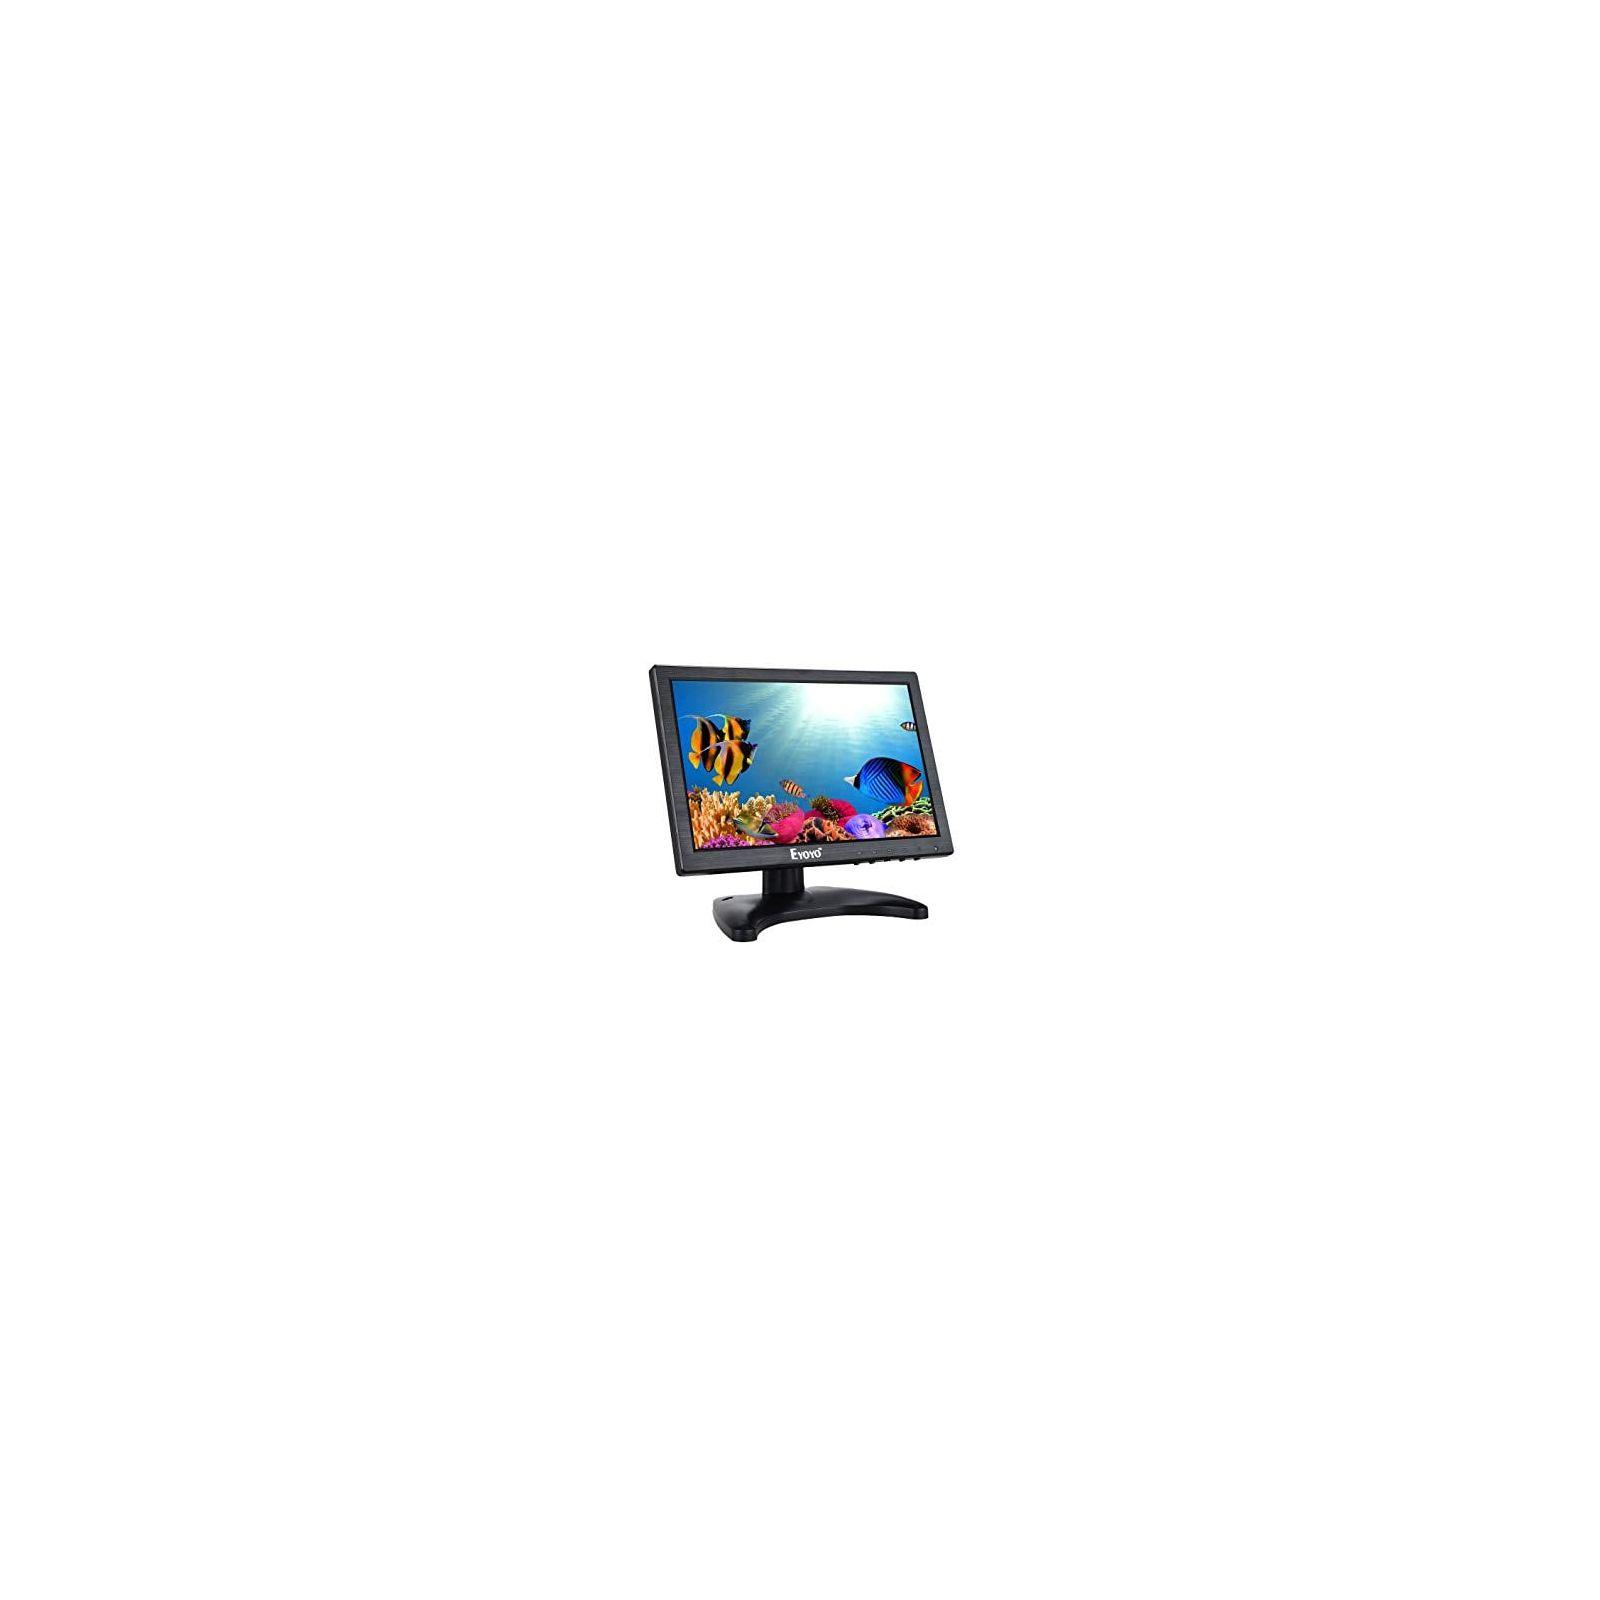 Ecran de vidéosurveillance 15 pouces BNC/HDMI/VGA